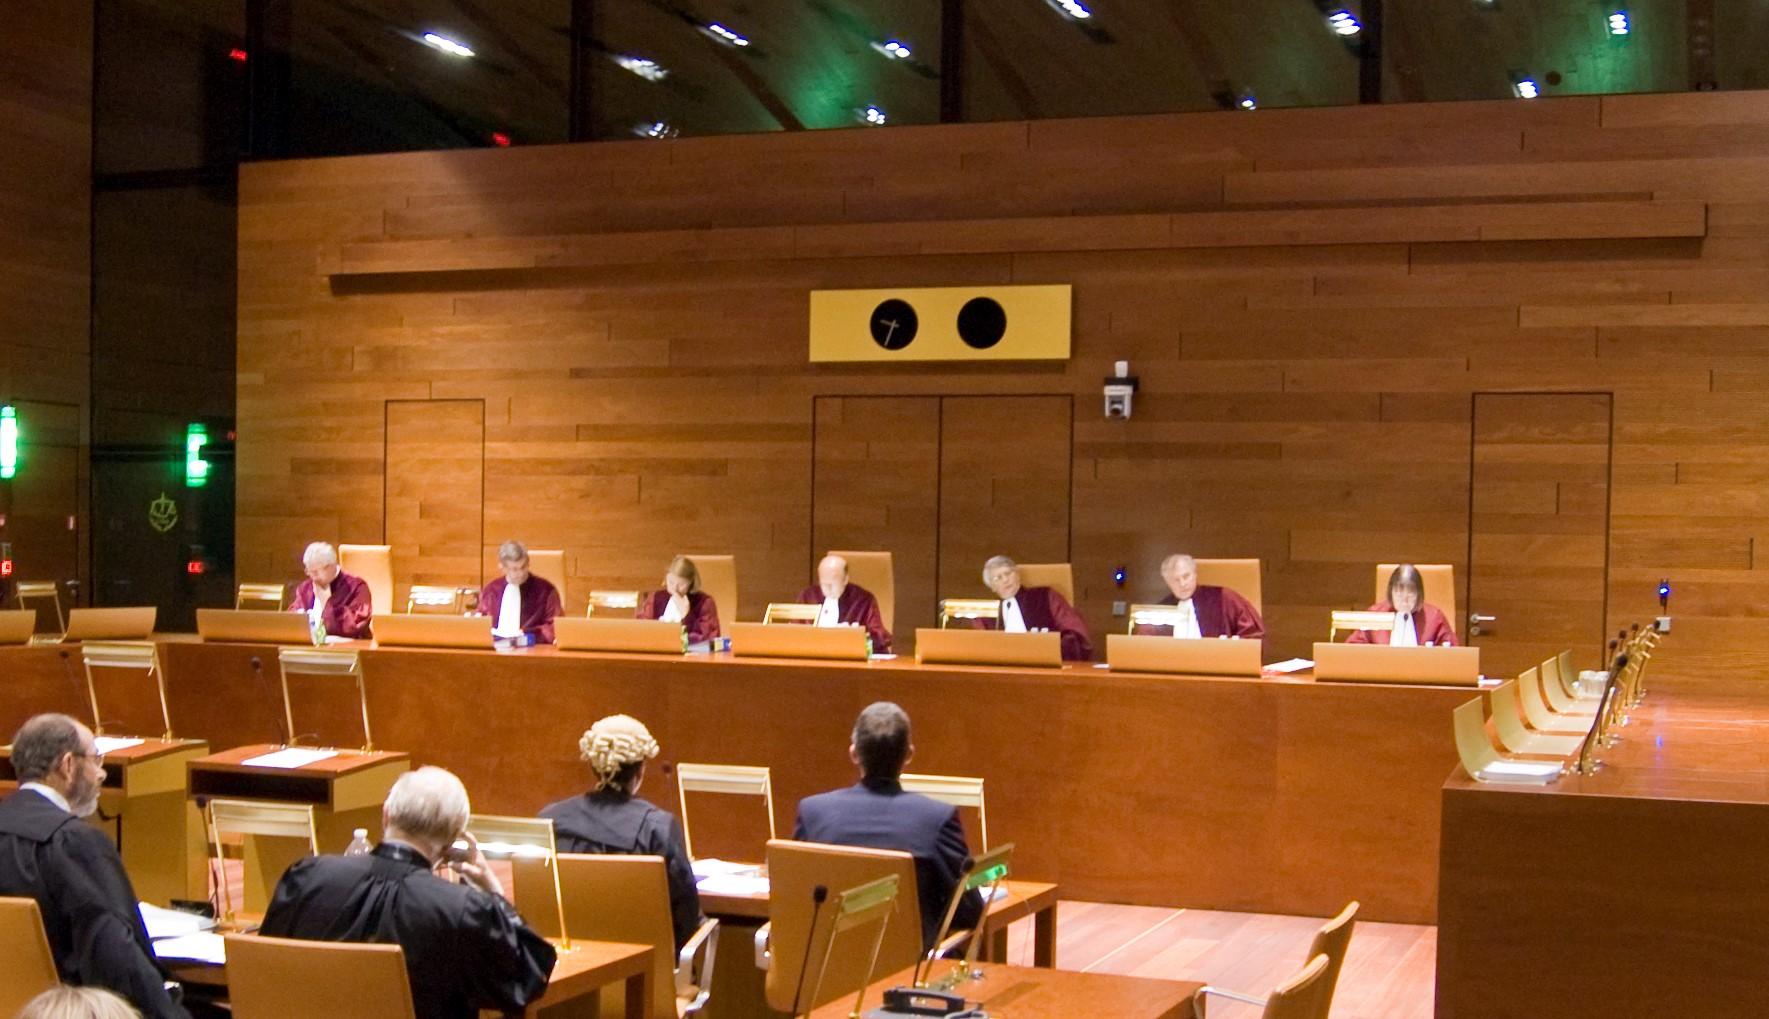 Anbud365: Skjønnsmessig handlingsrom ved avvisning for alvorlige feil i yrkesutøvelsen